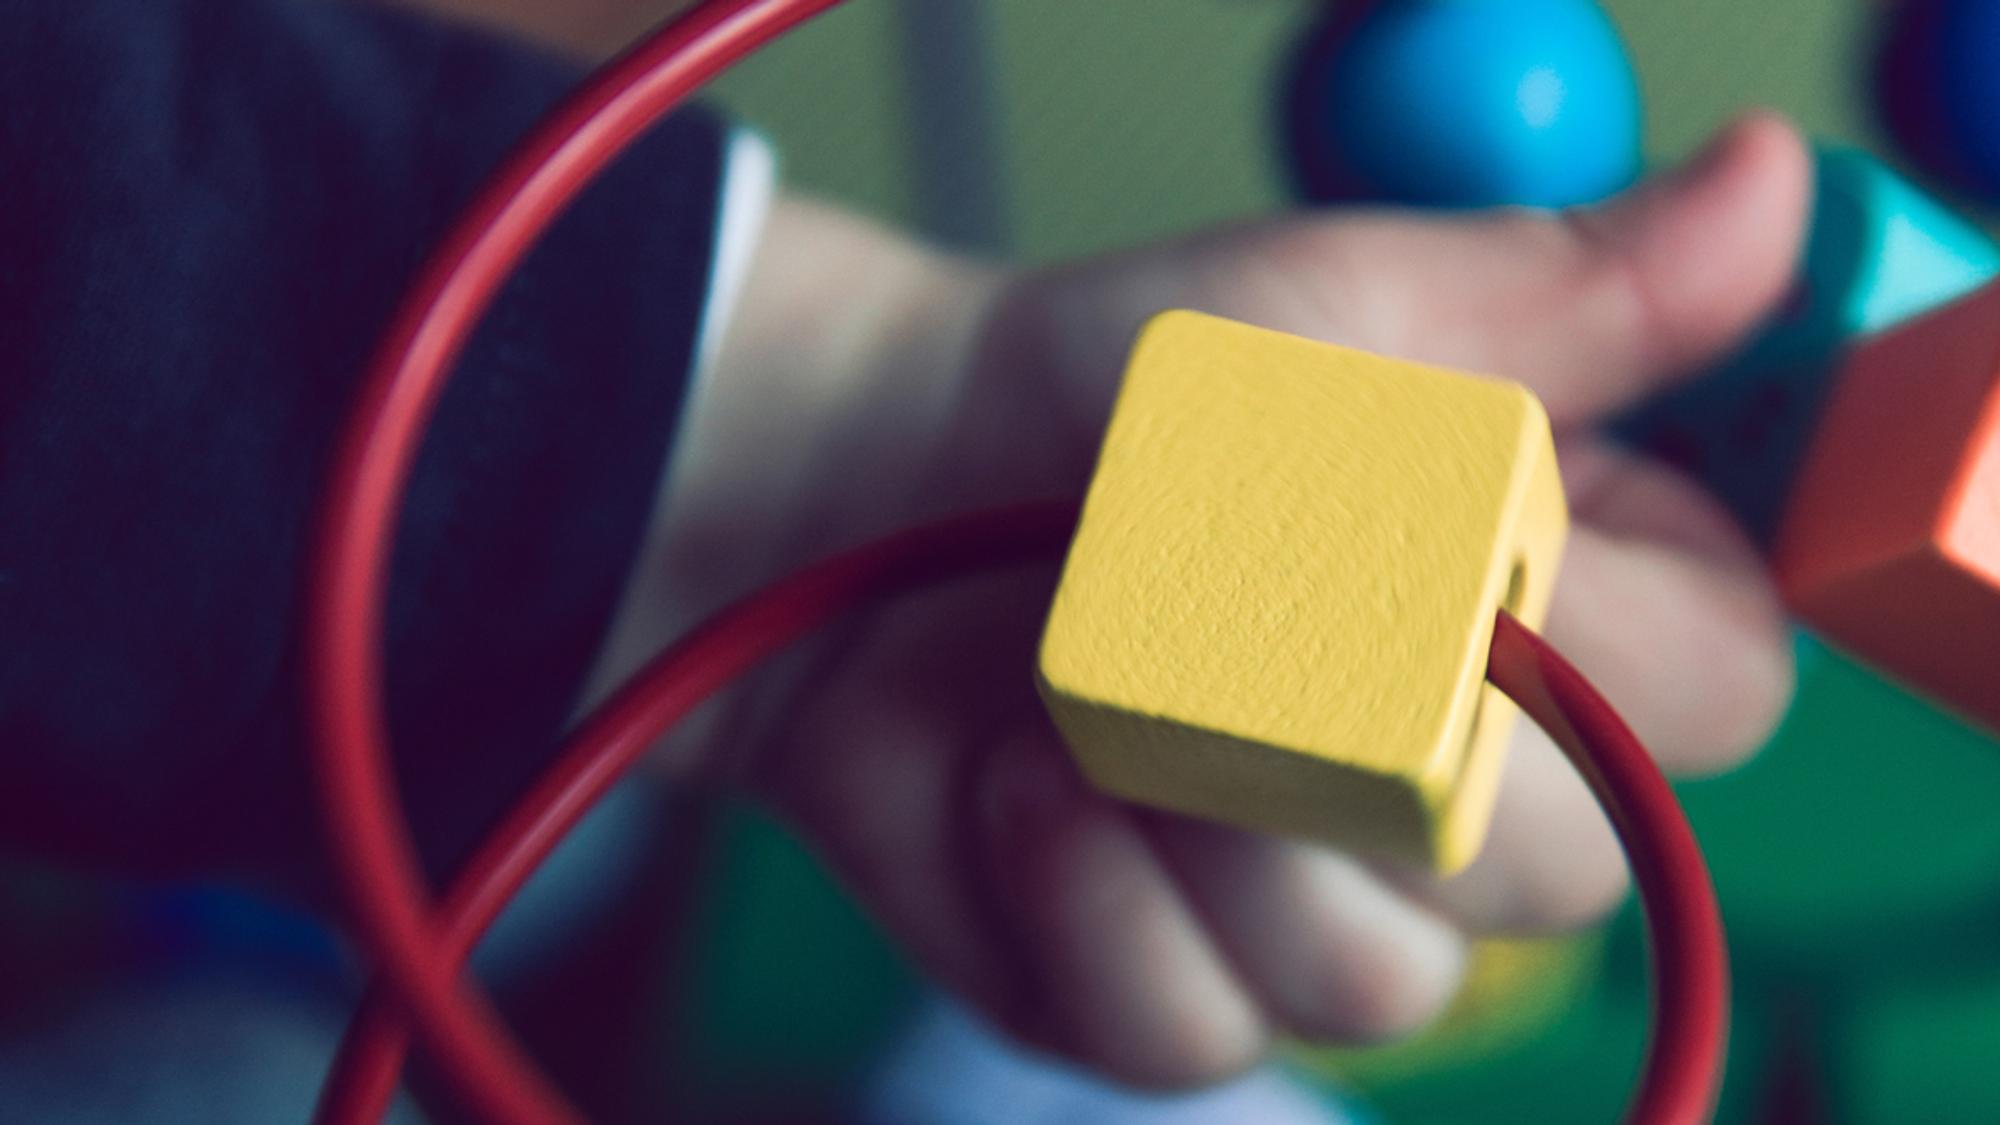 Dein Kind kann mit diesem Spielzeug ab 1 Jahr spielen